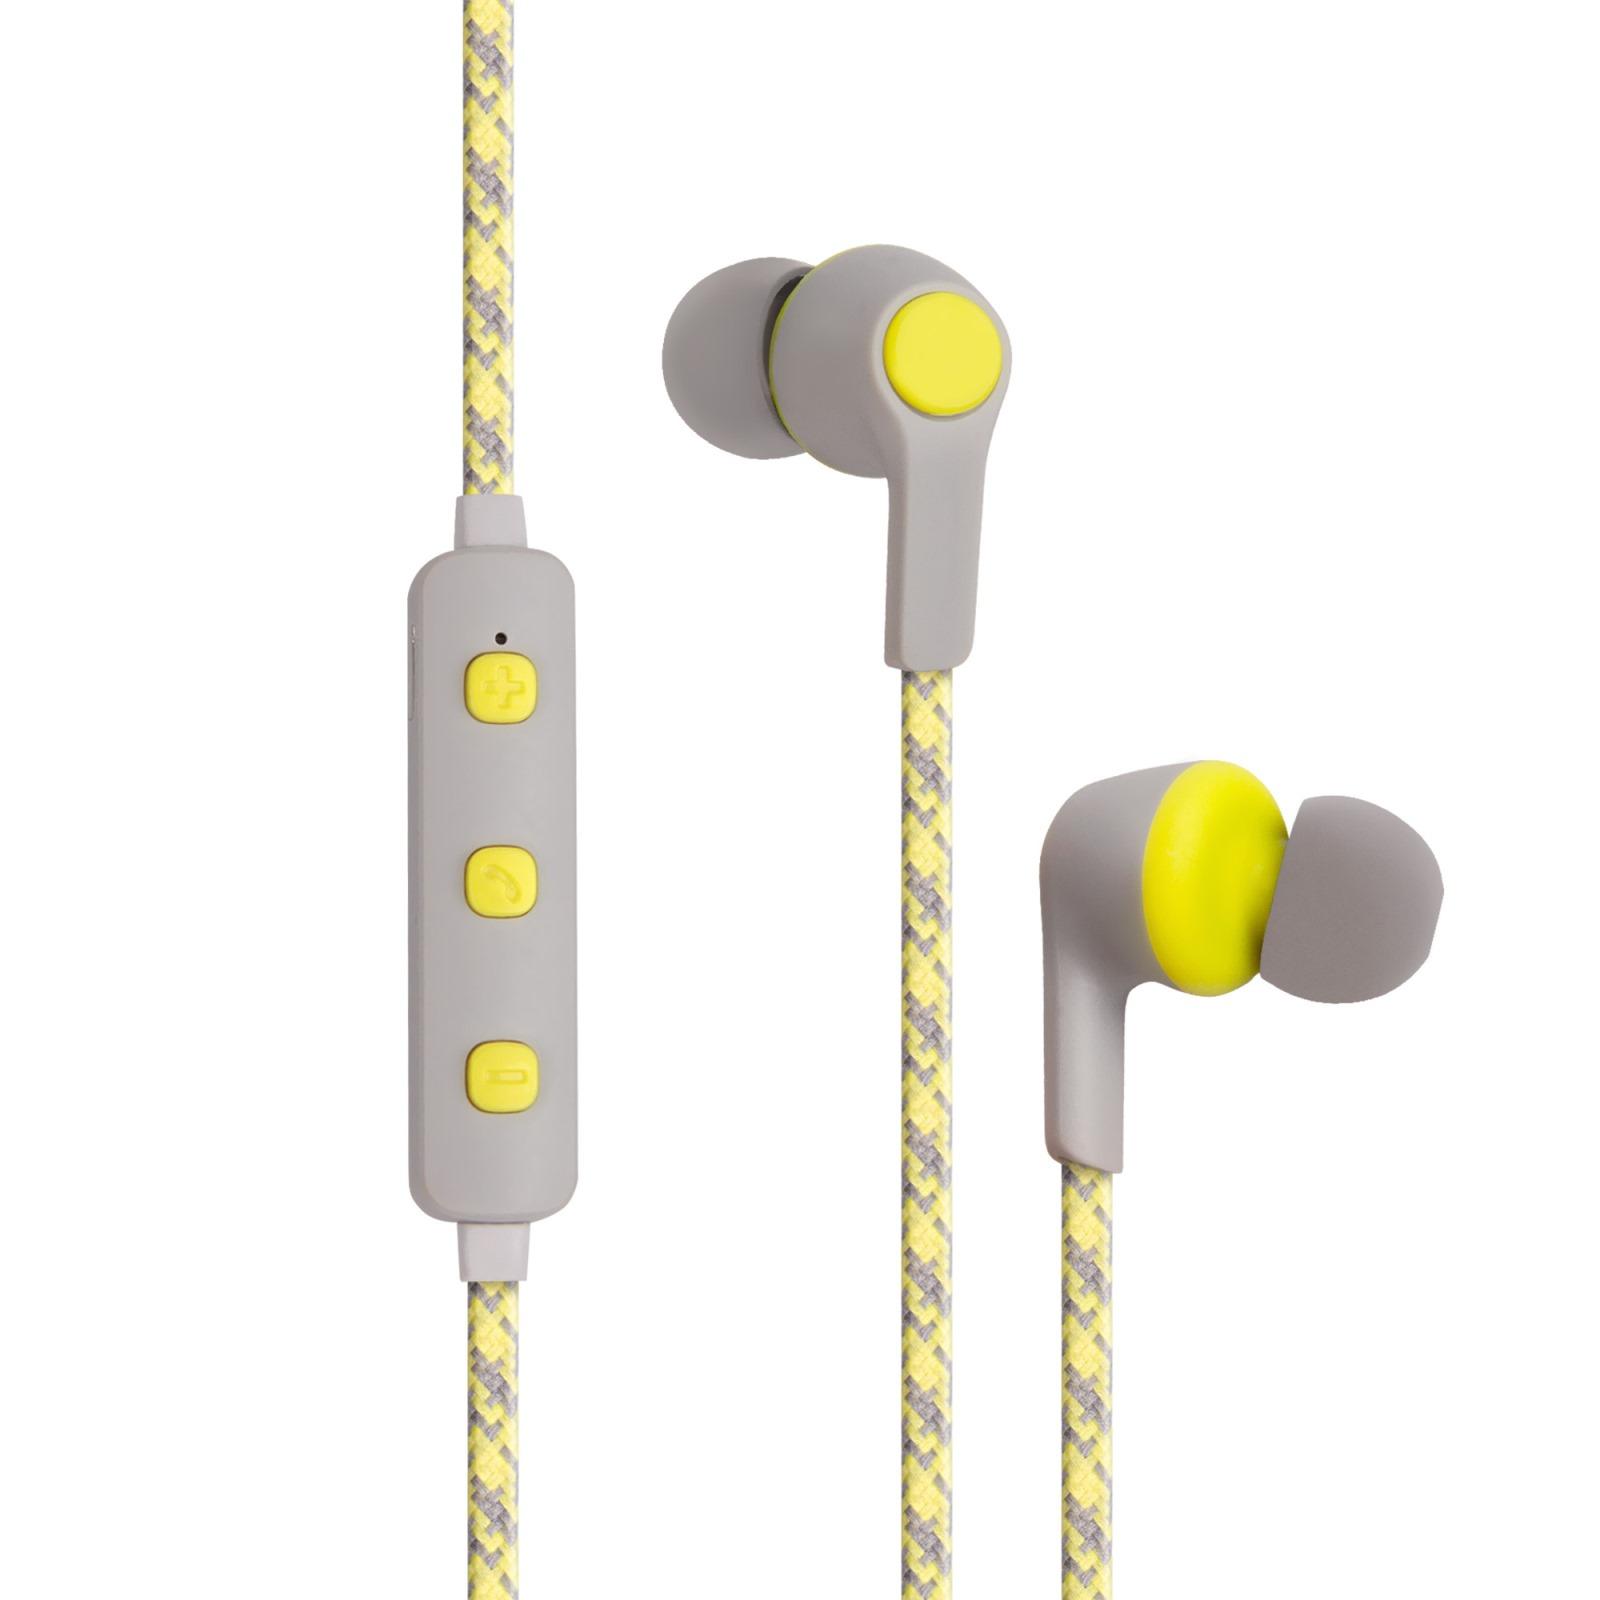 Наушники Kubic E1, Bluetooth, желтый, серый yookie k318 bluetooth yellow